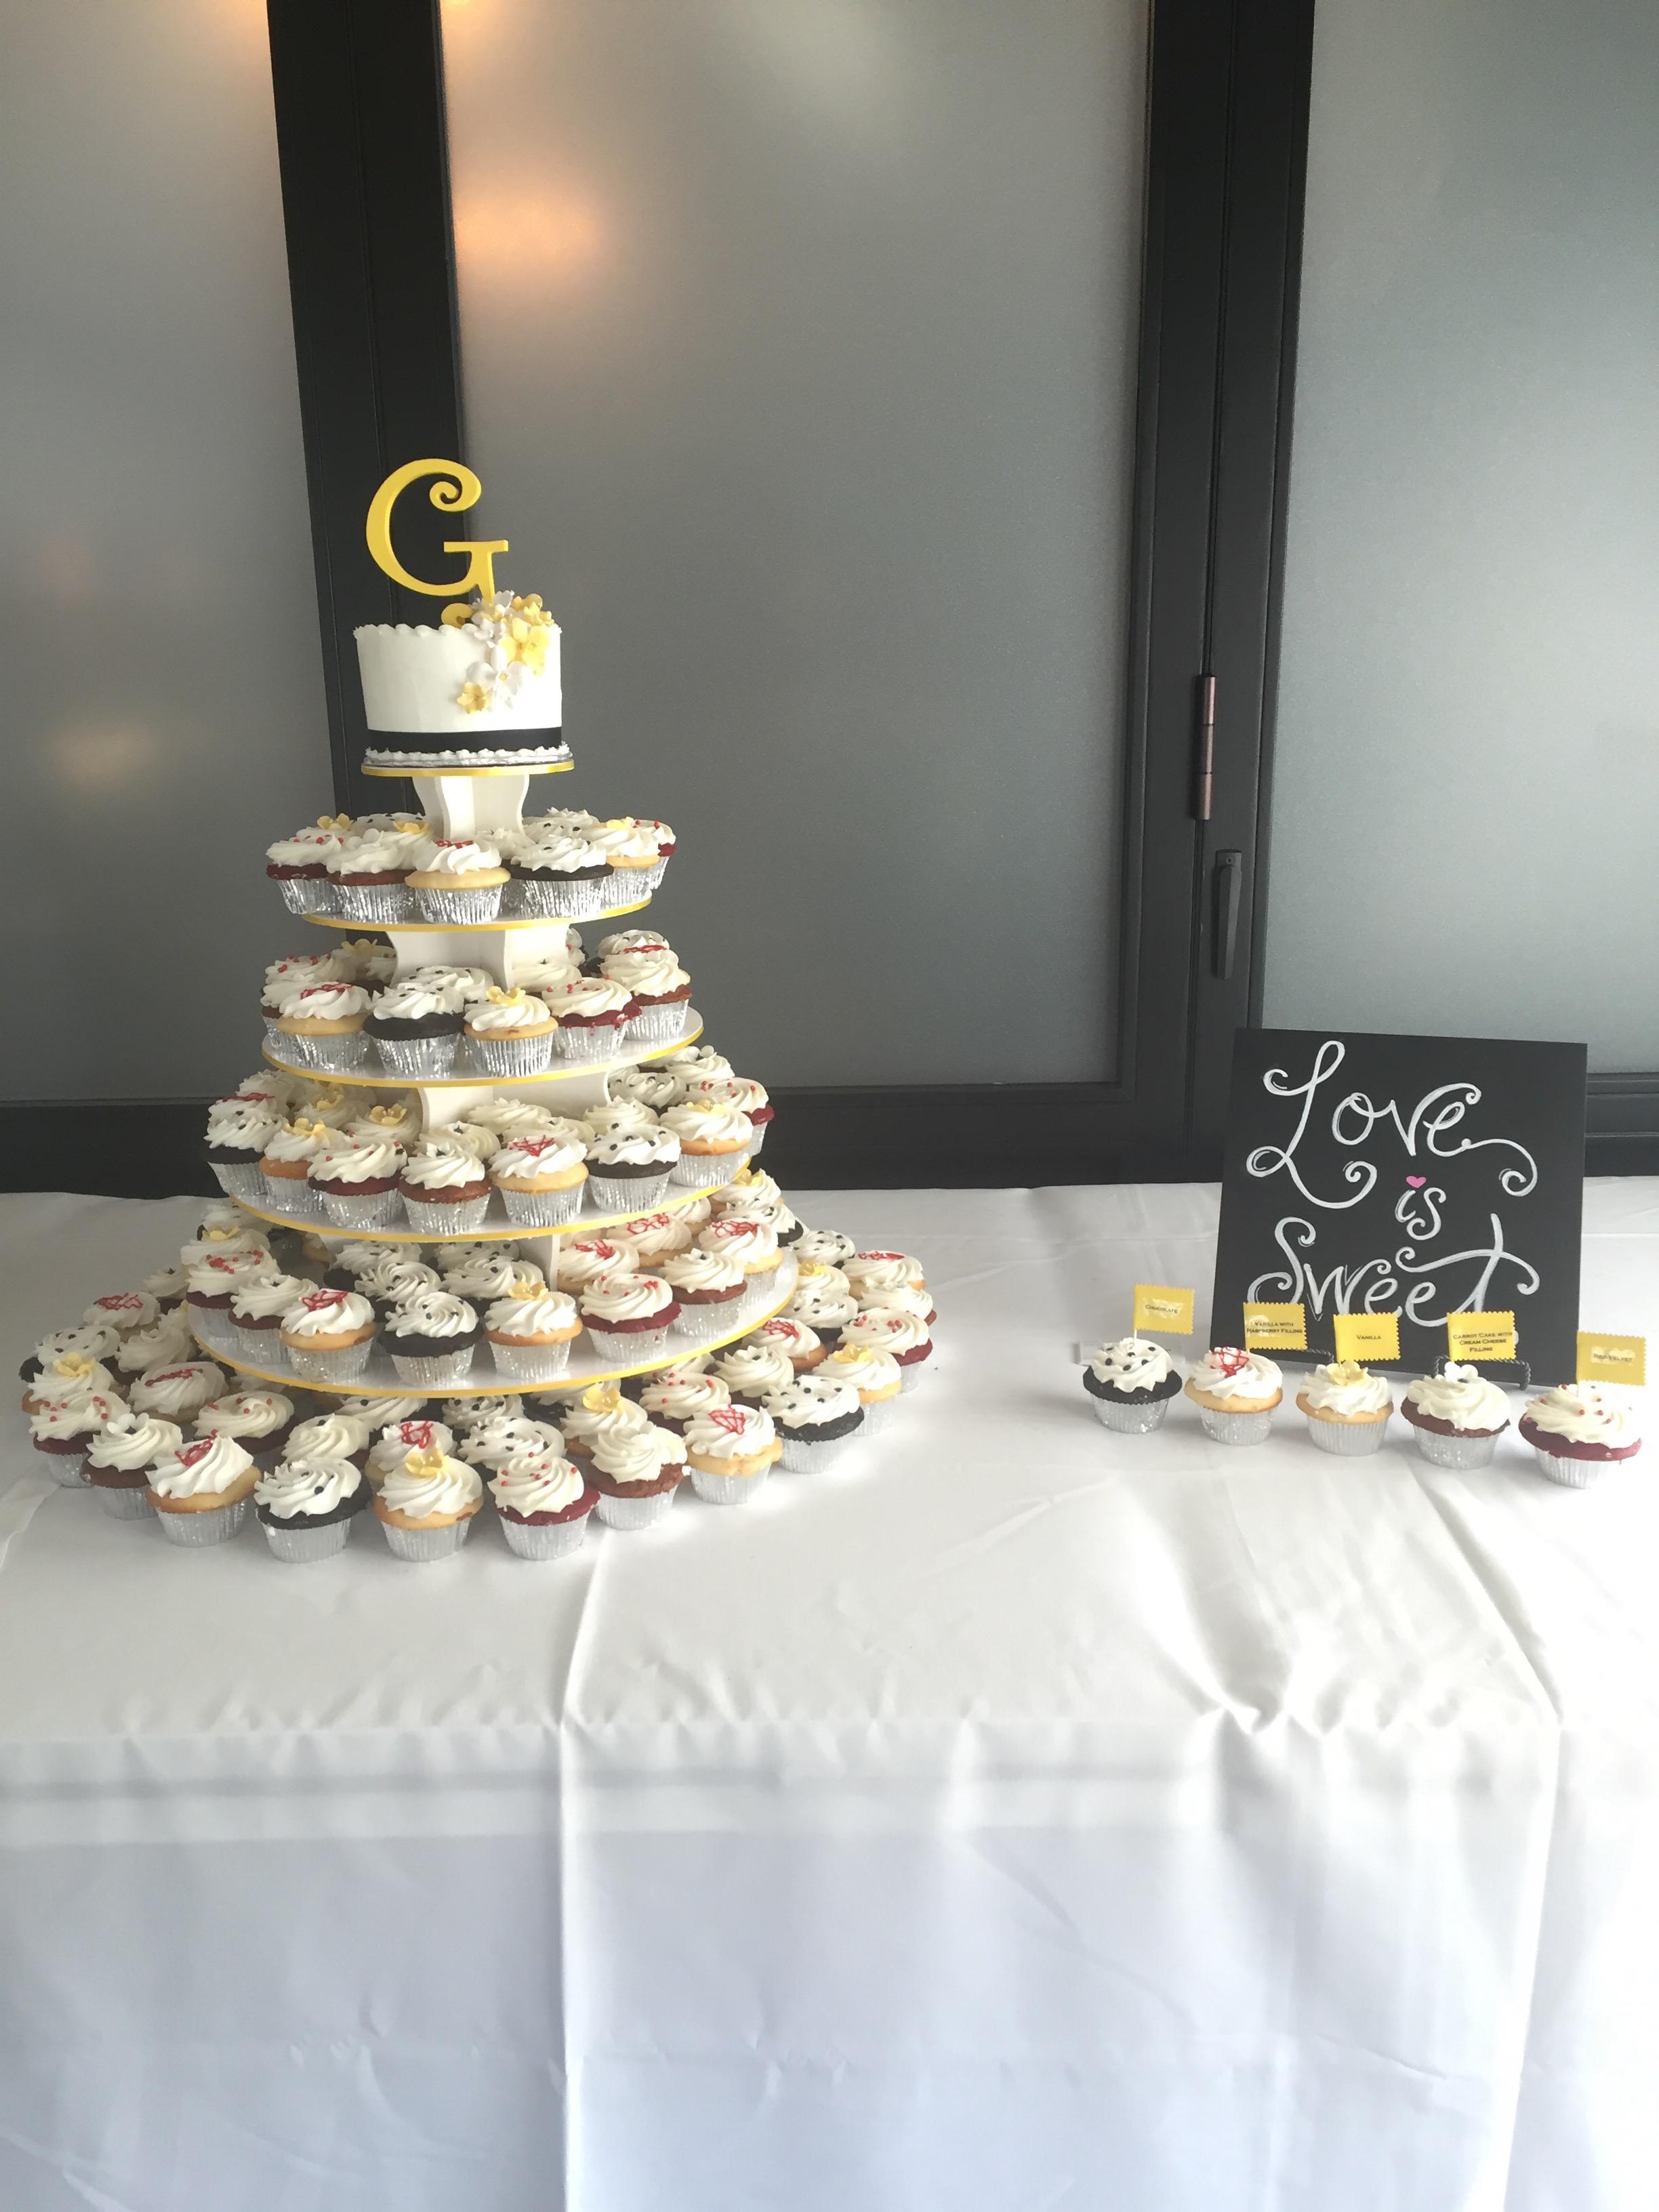 Wedding Cake wCupcakes1 Display